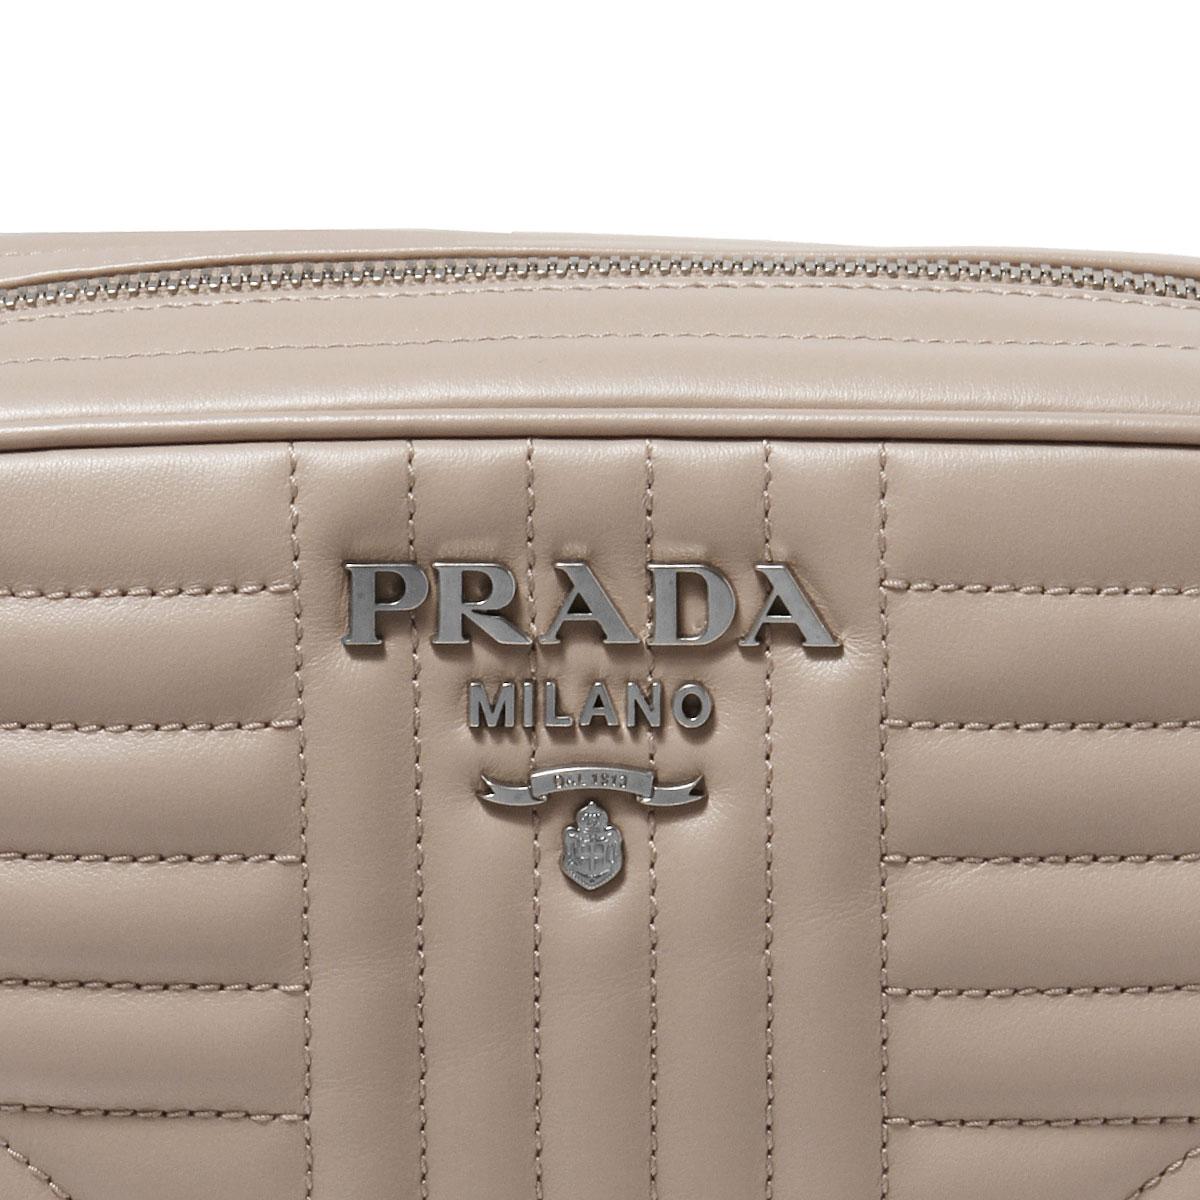 プラダ PRADA バッグ レディース 1BH083 2D91 F0PLD ショルダーバッグ CIPRIA 2 ベージュ